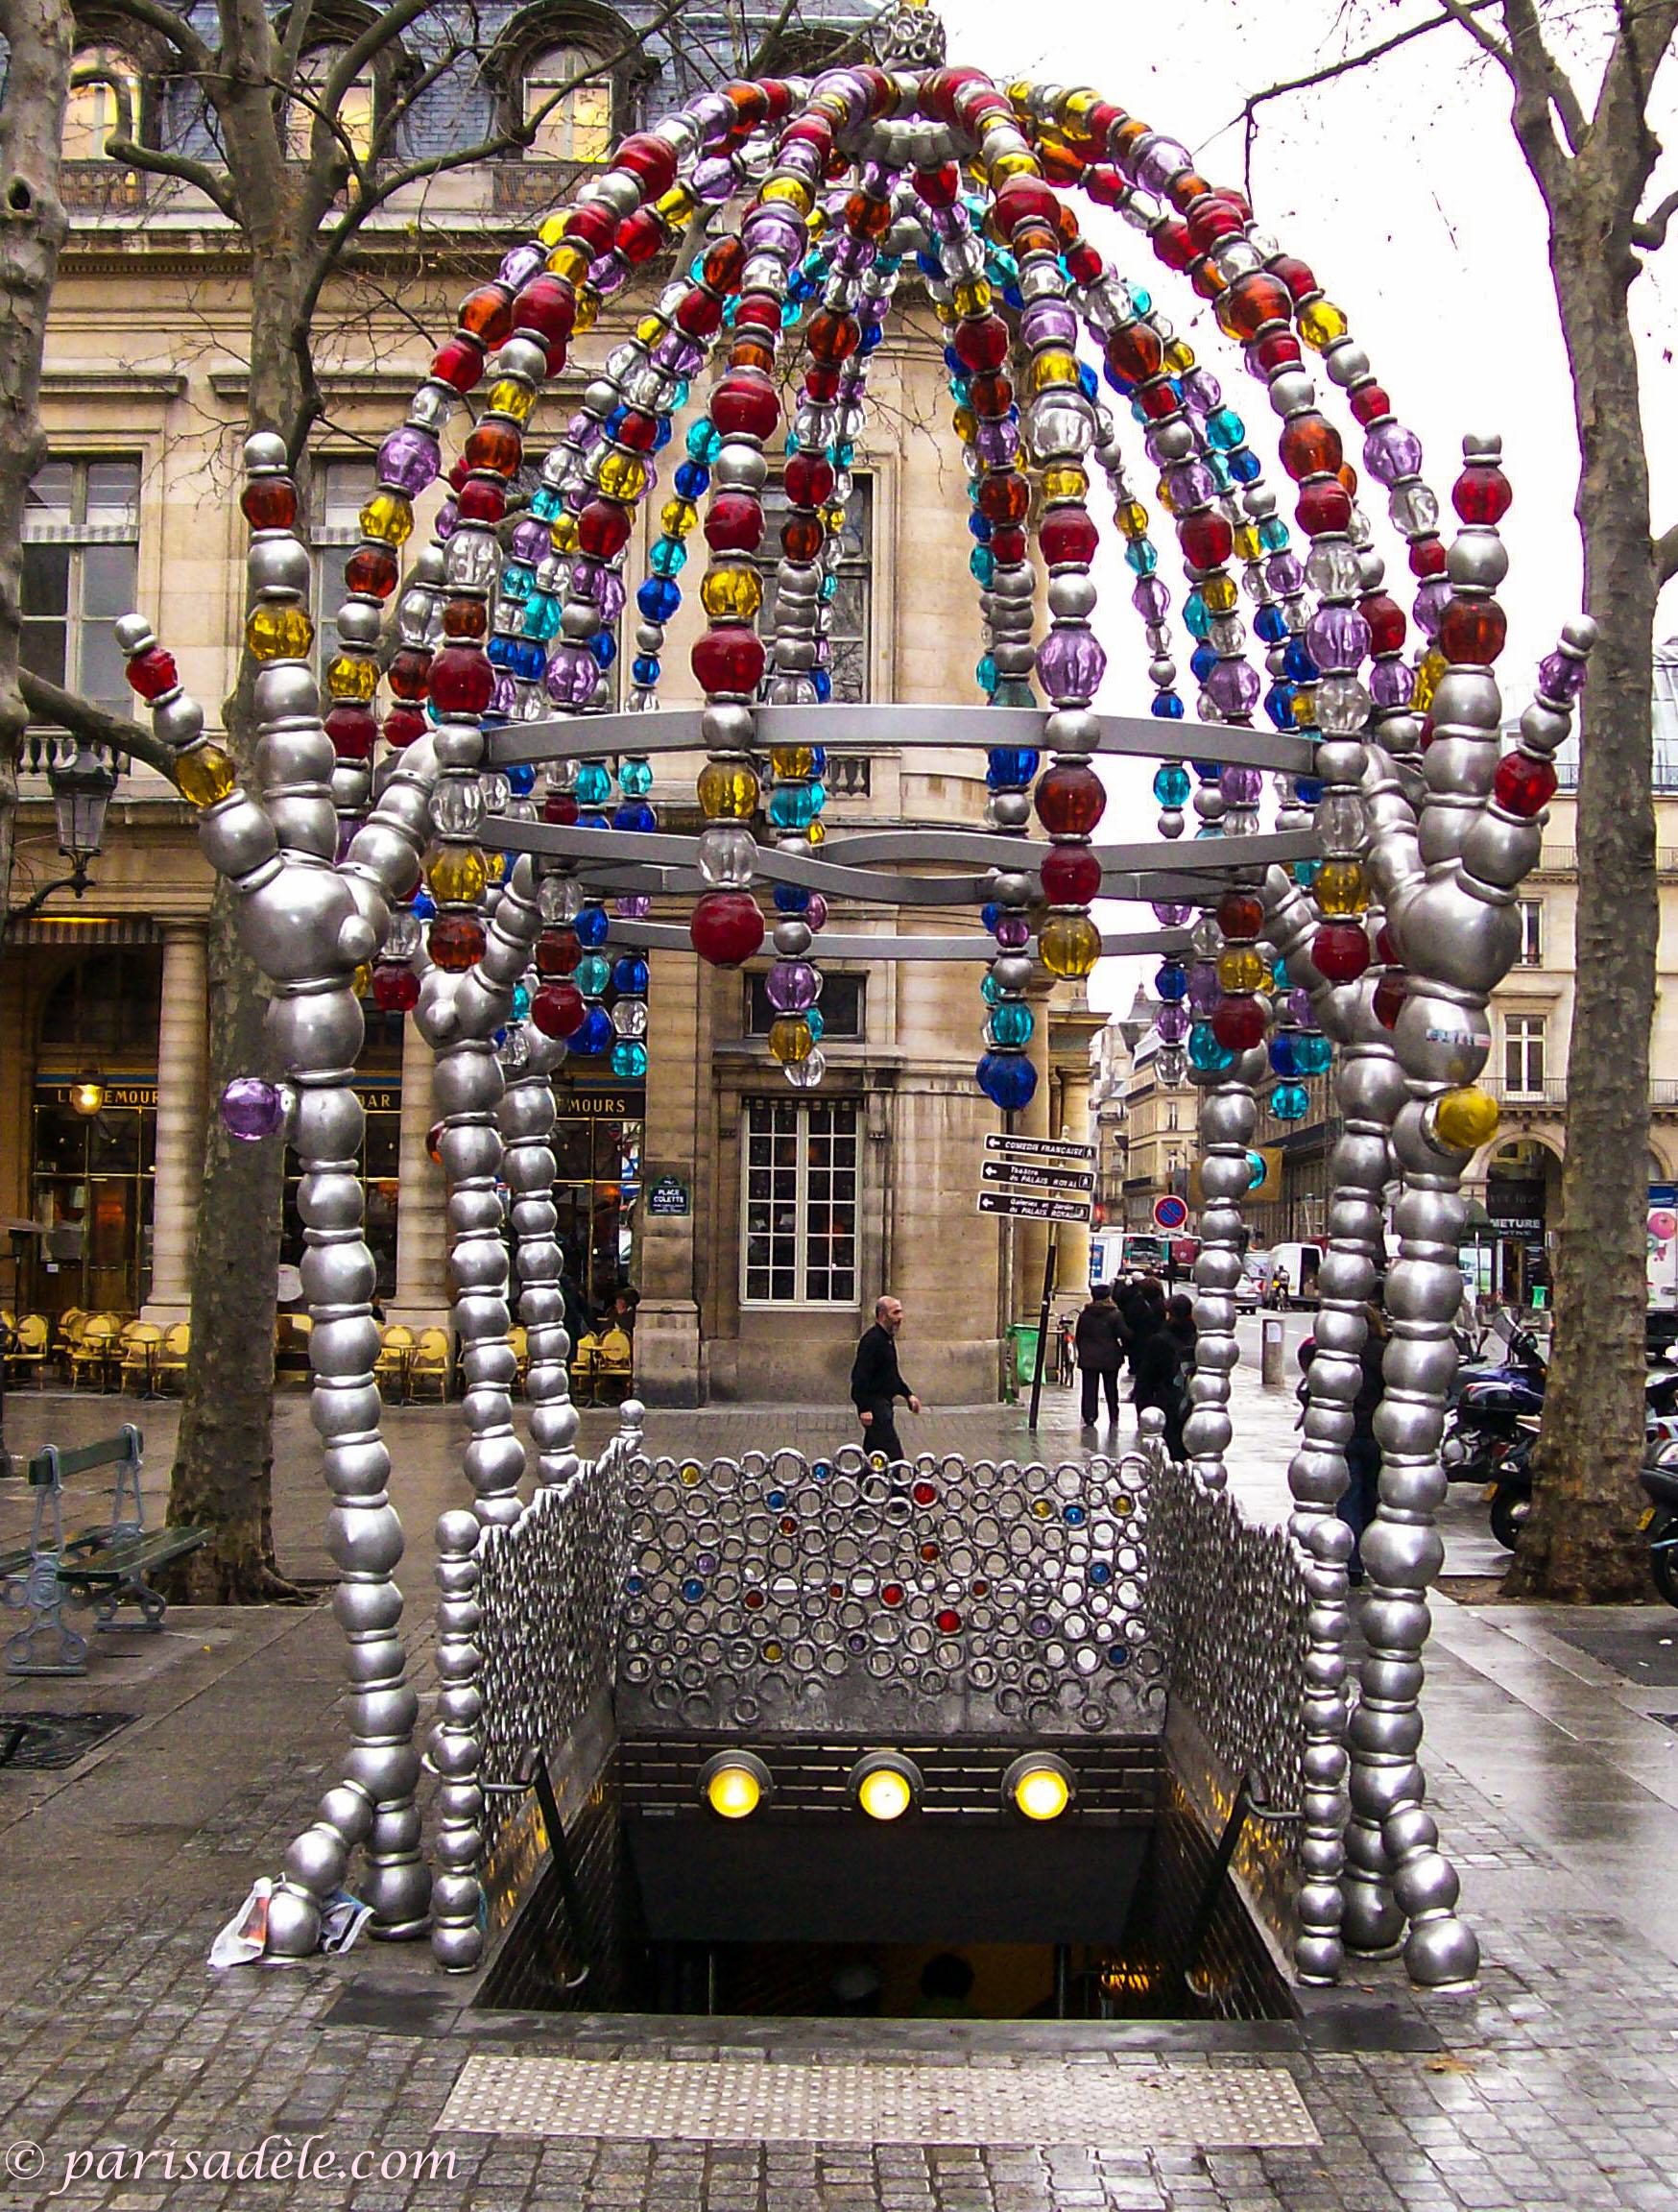 Palais royal mus e du louvre paris ad le - Musee des arts decoratifs metro ...